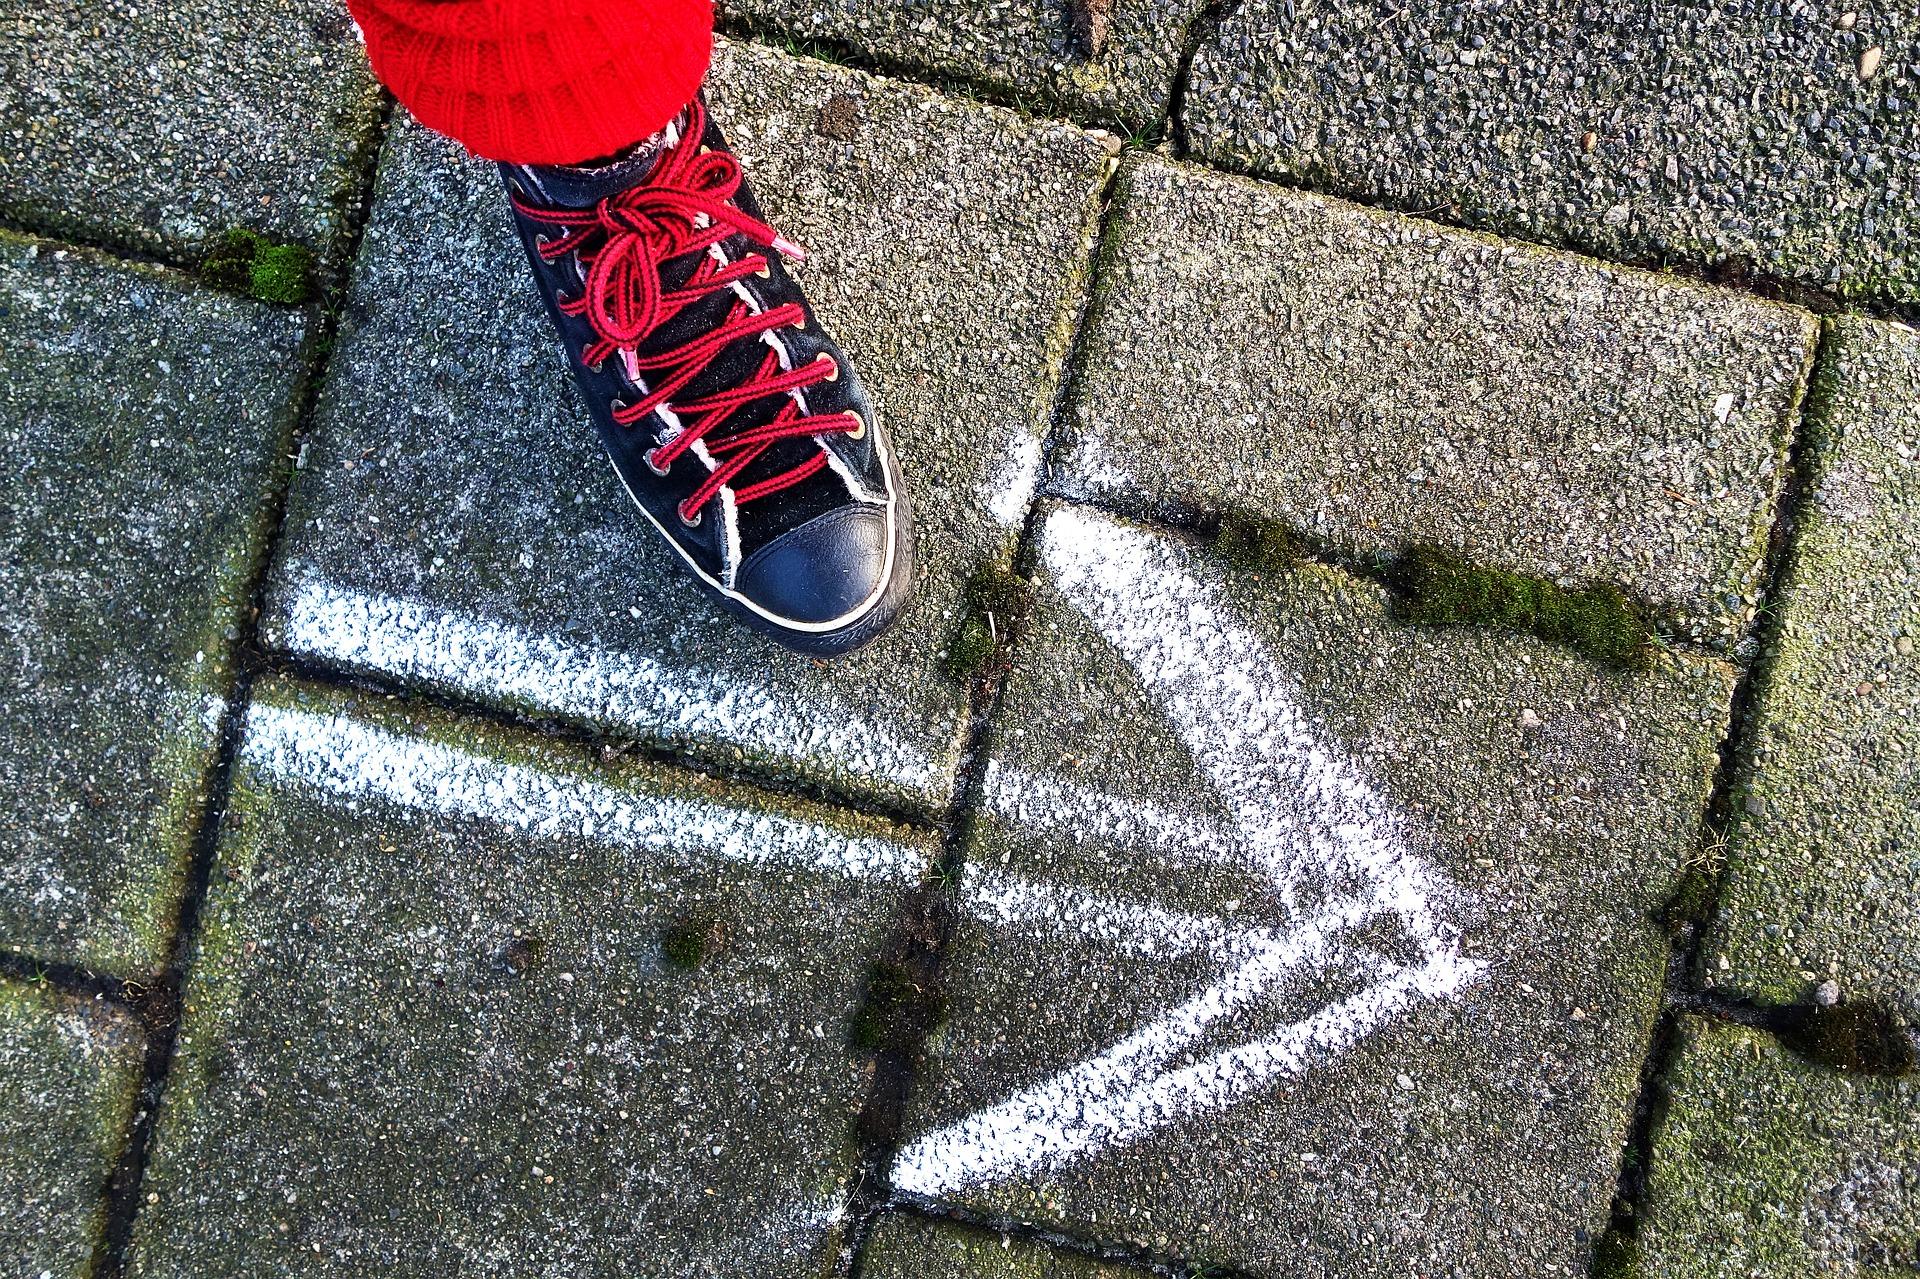 行動習慣を変える人-矢印に向かう足